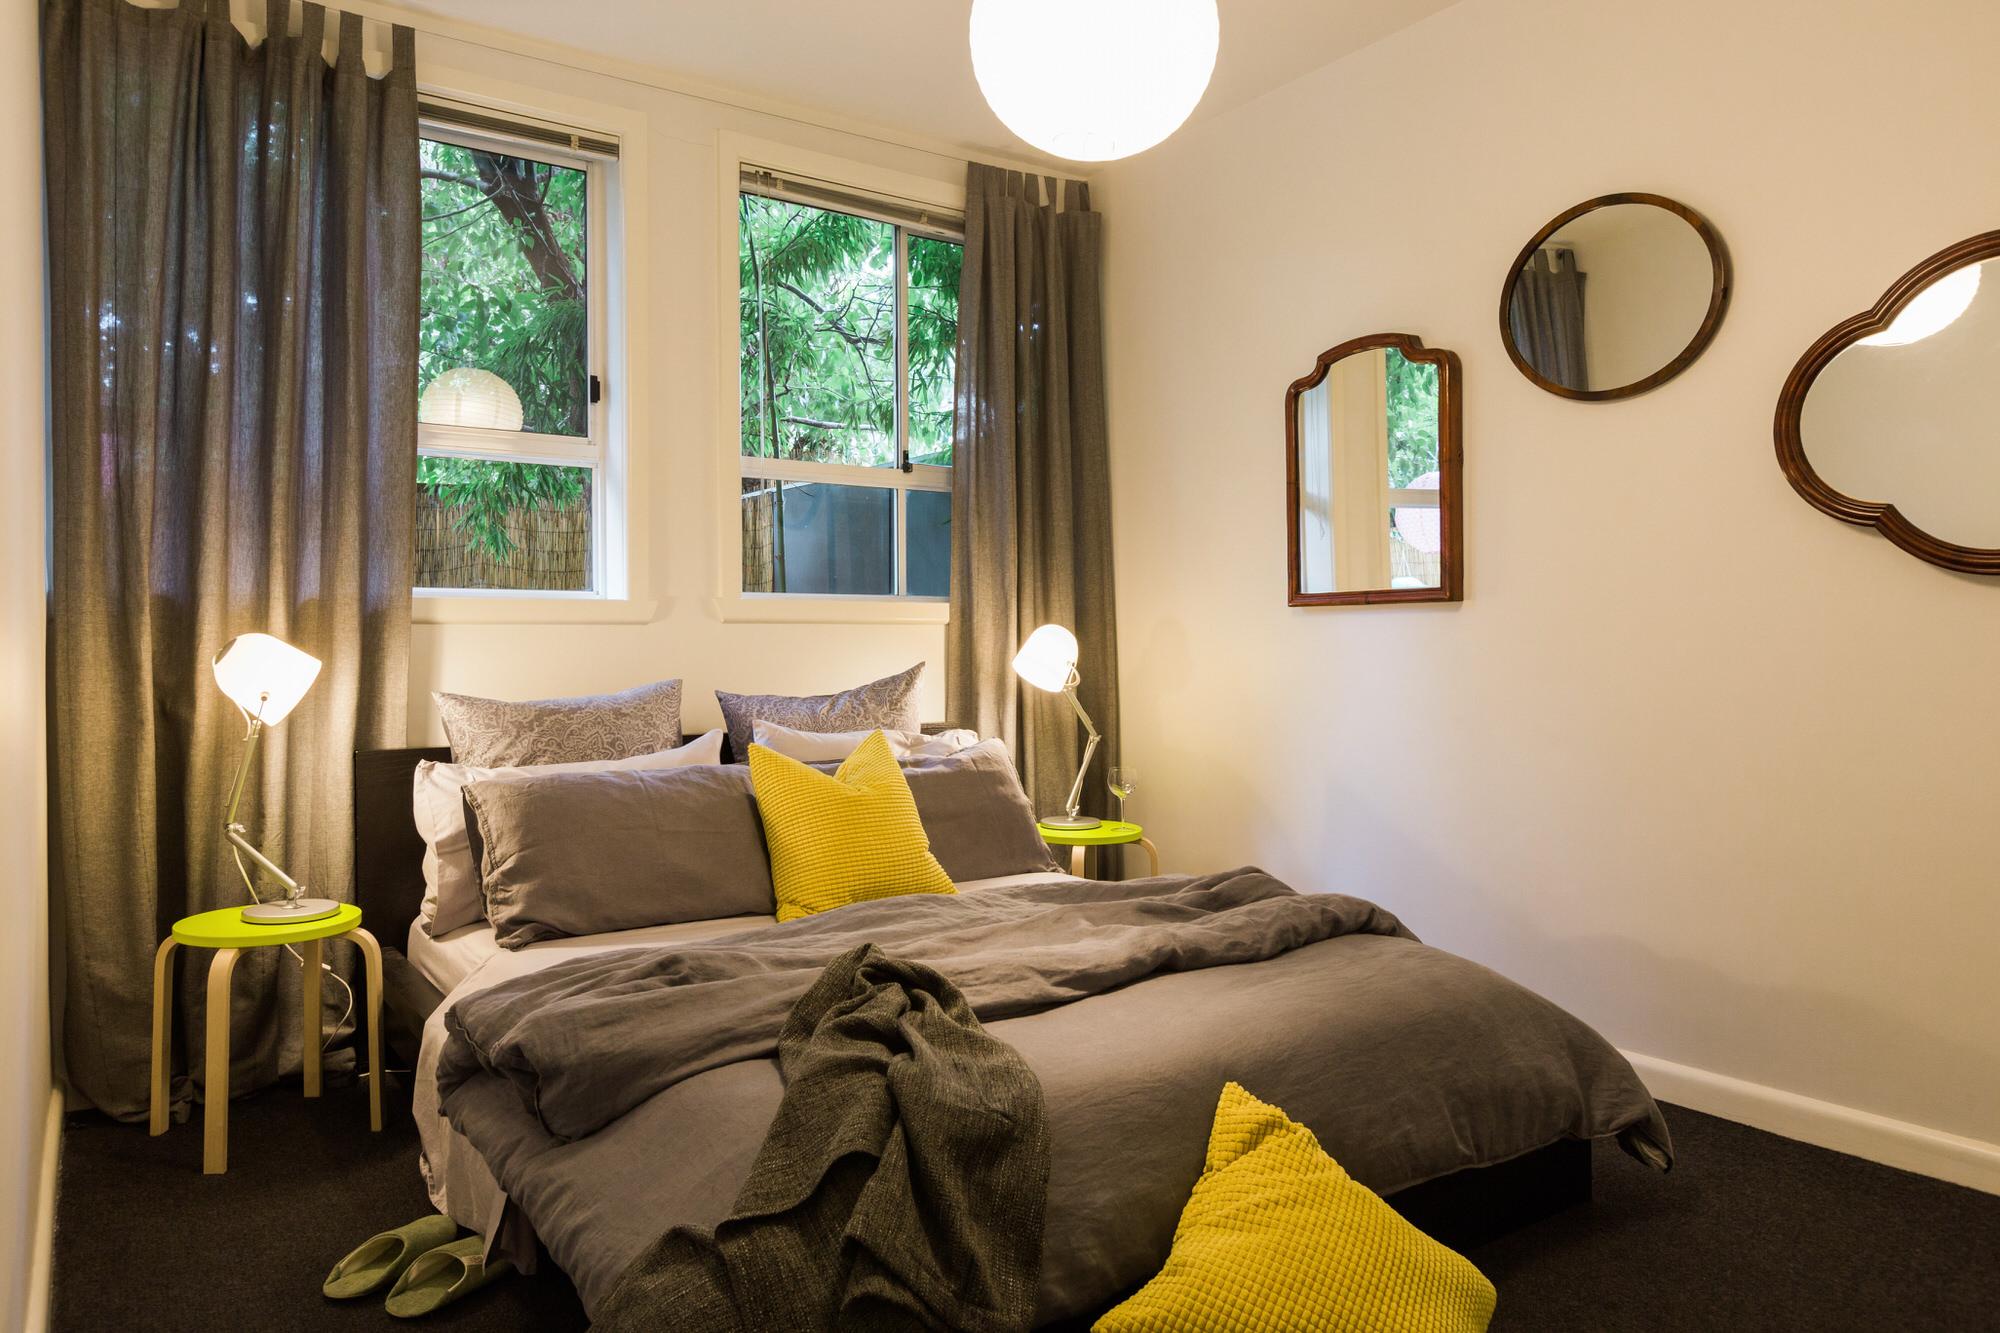 bedroomdesign